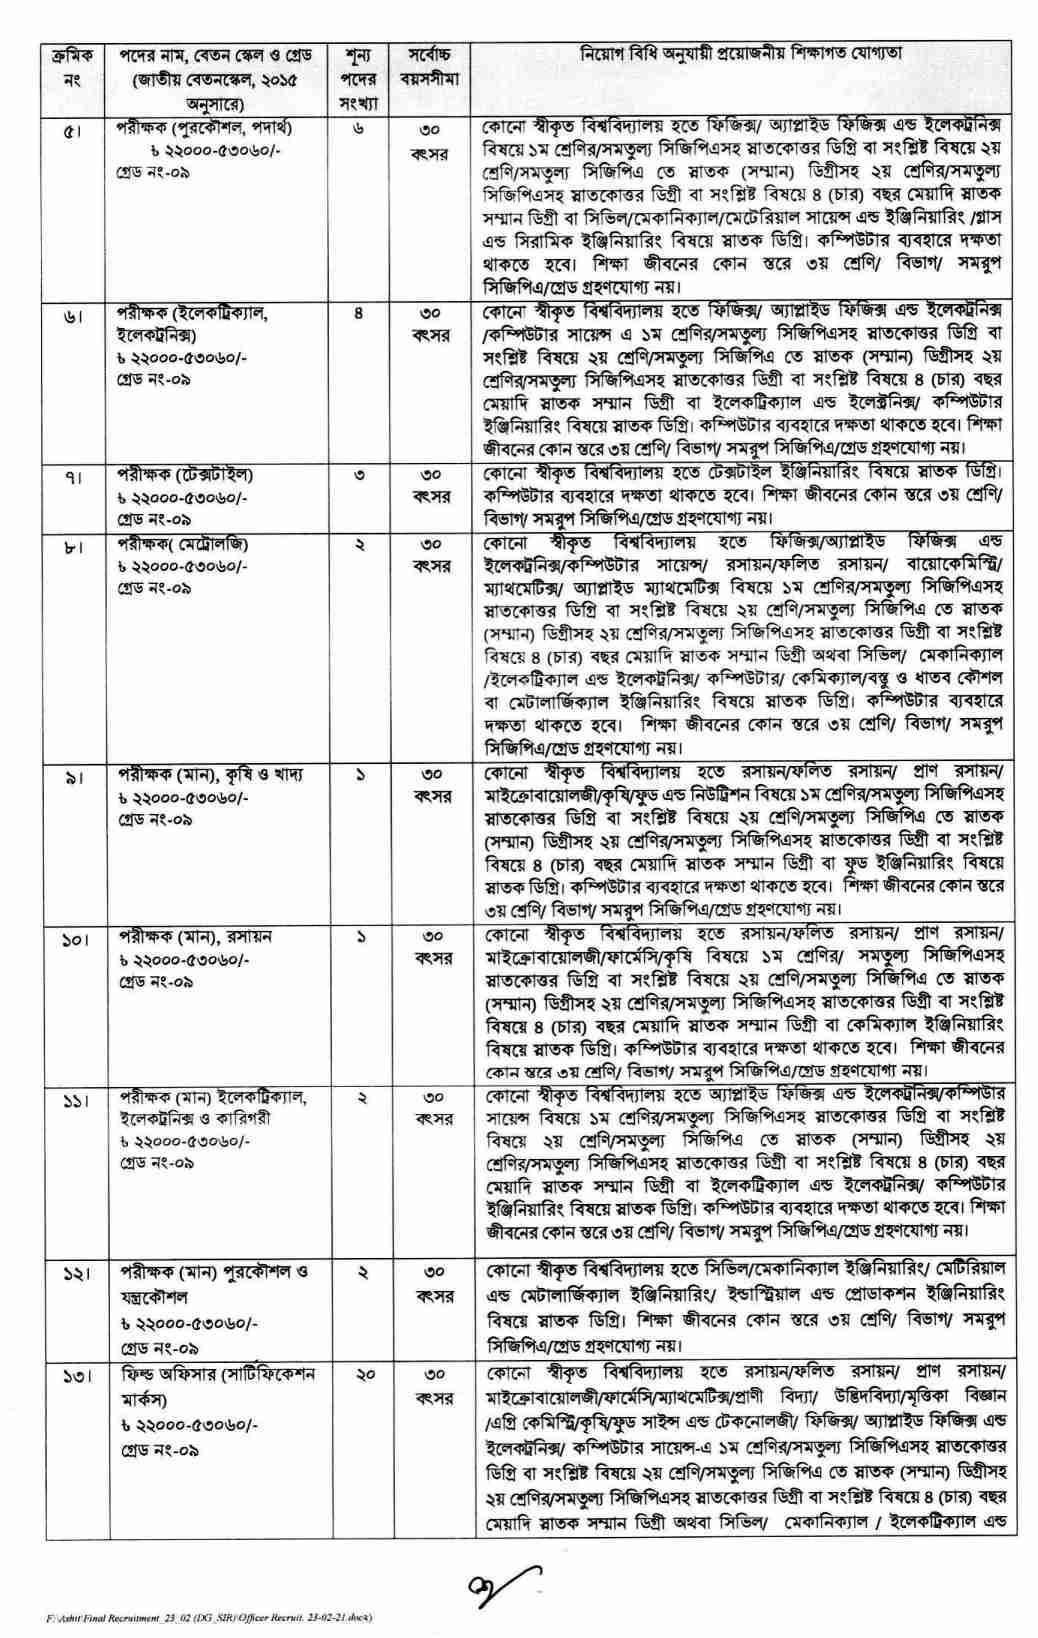 বাংলাদেশ স্ট্যান্ডার্ডস এন্ড টেস্টিং ইনস্টিটিউশন নিয়োগ বিজ্ঞপ্তি ২০২১, Bsti নিয়োগ বিজ্ঞপ্তি, বিএসটিআই নিয়োগ ২০২১, Bangladesh Standards and Testing Institution (BSTI) Job circular 2021, bsti job circular 2021